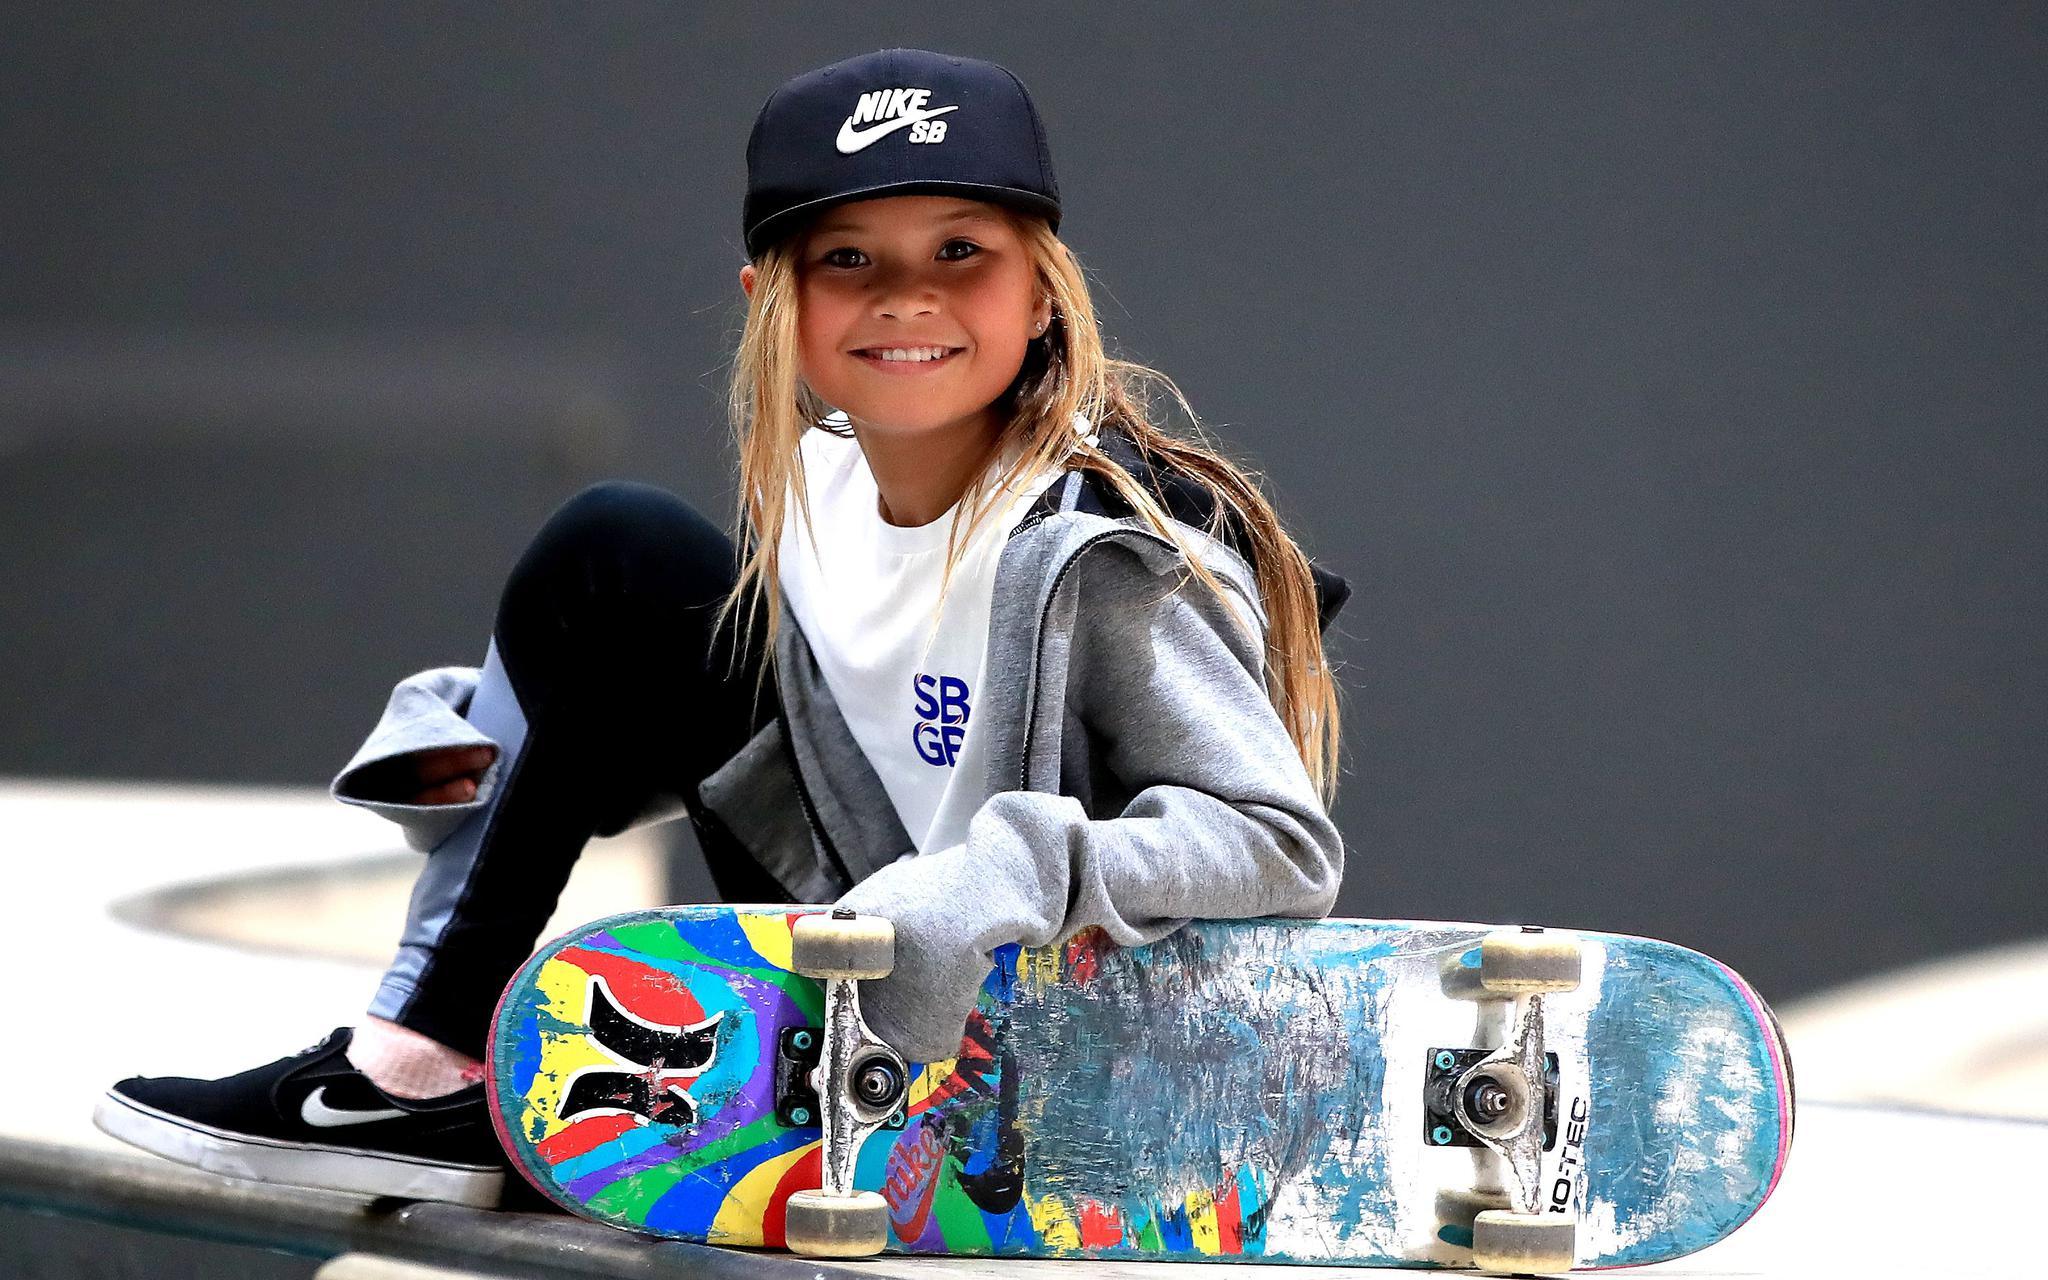 滑板东京奥运资格赛延长13个月 积分赛事缩至6站